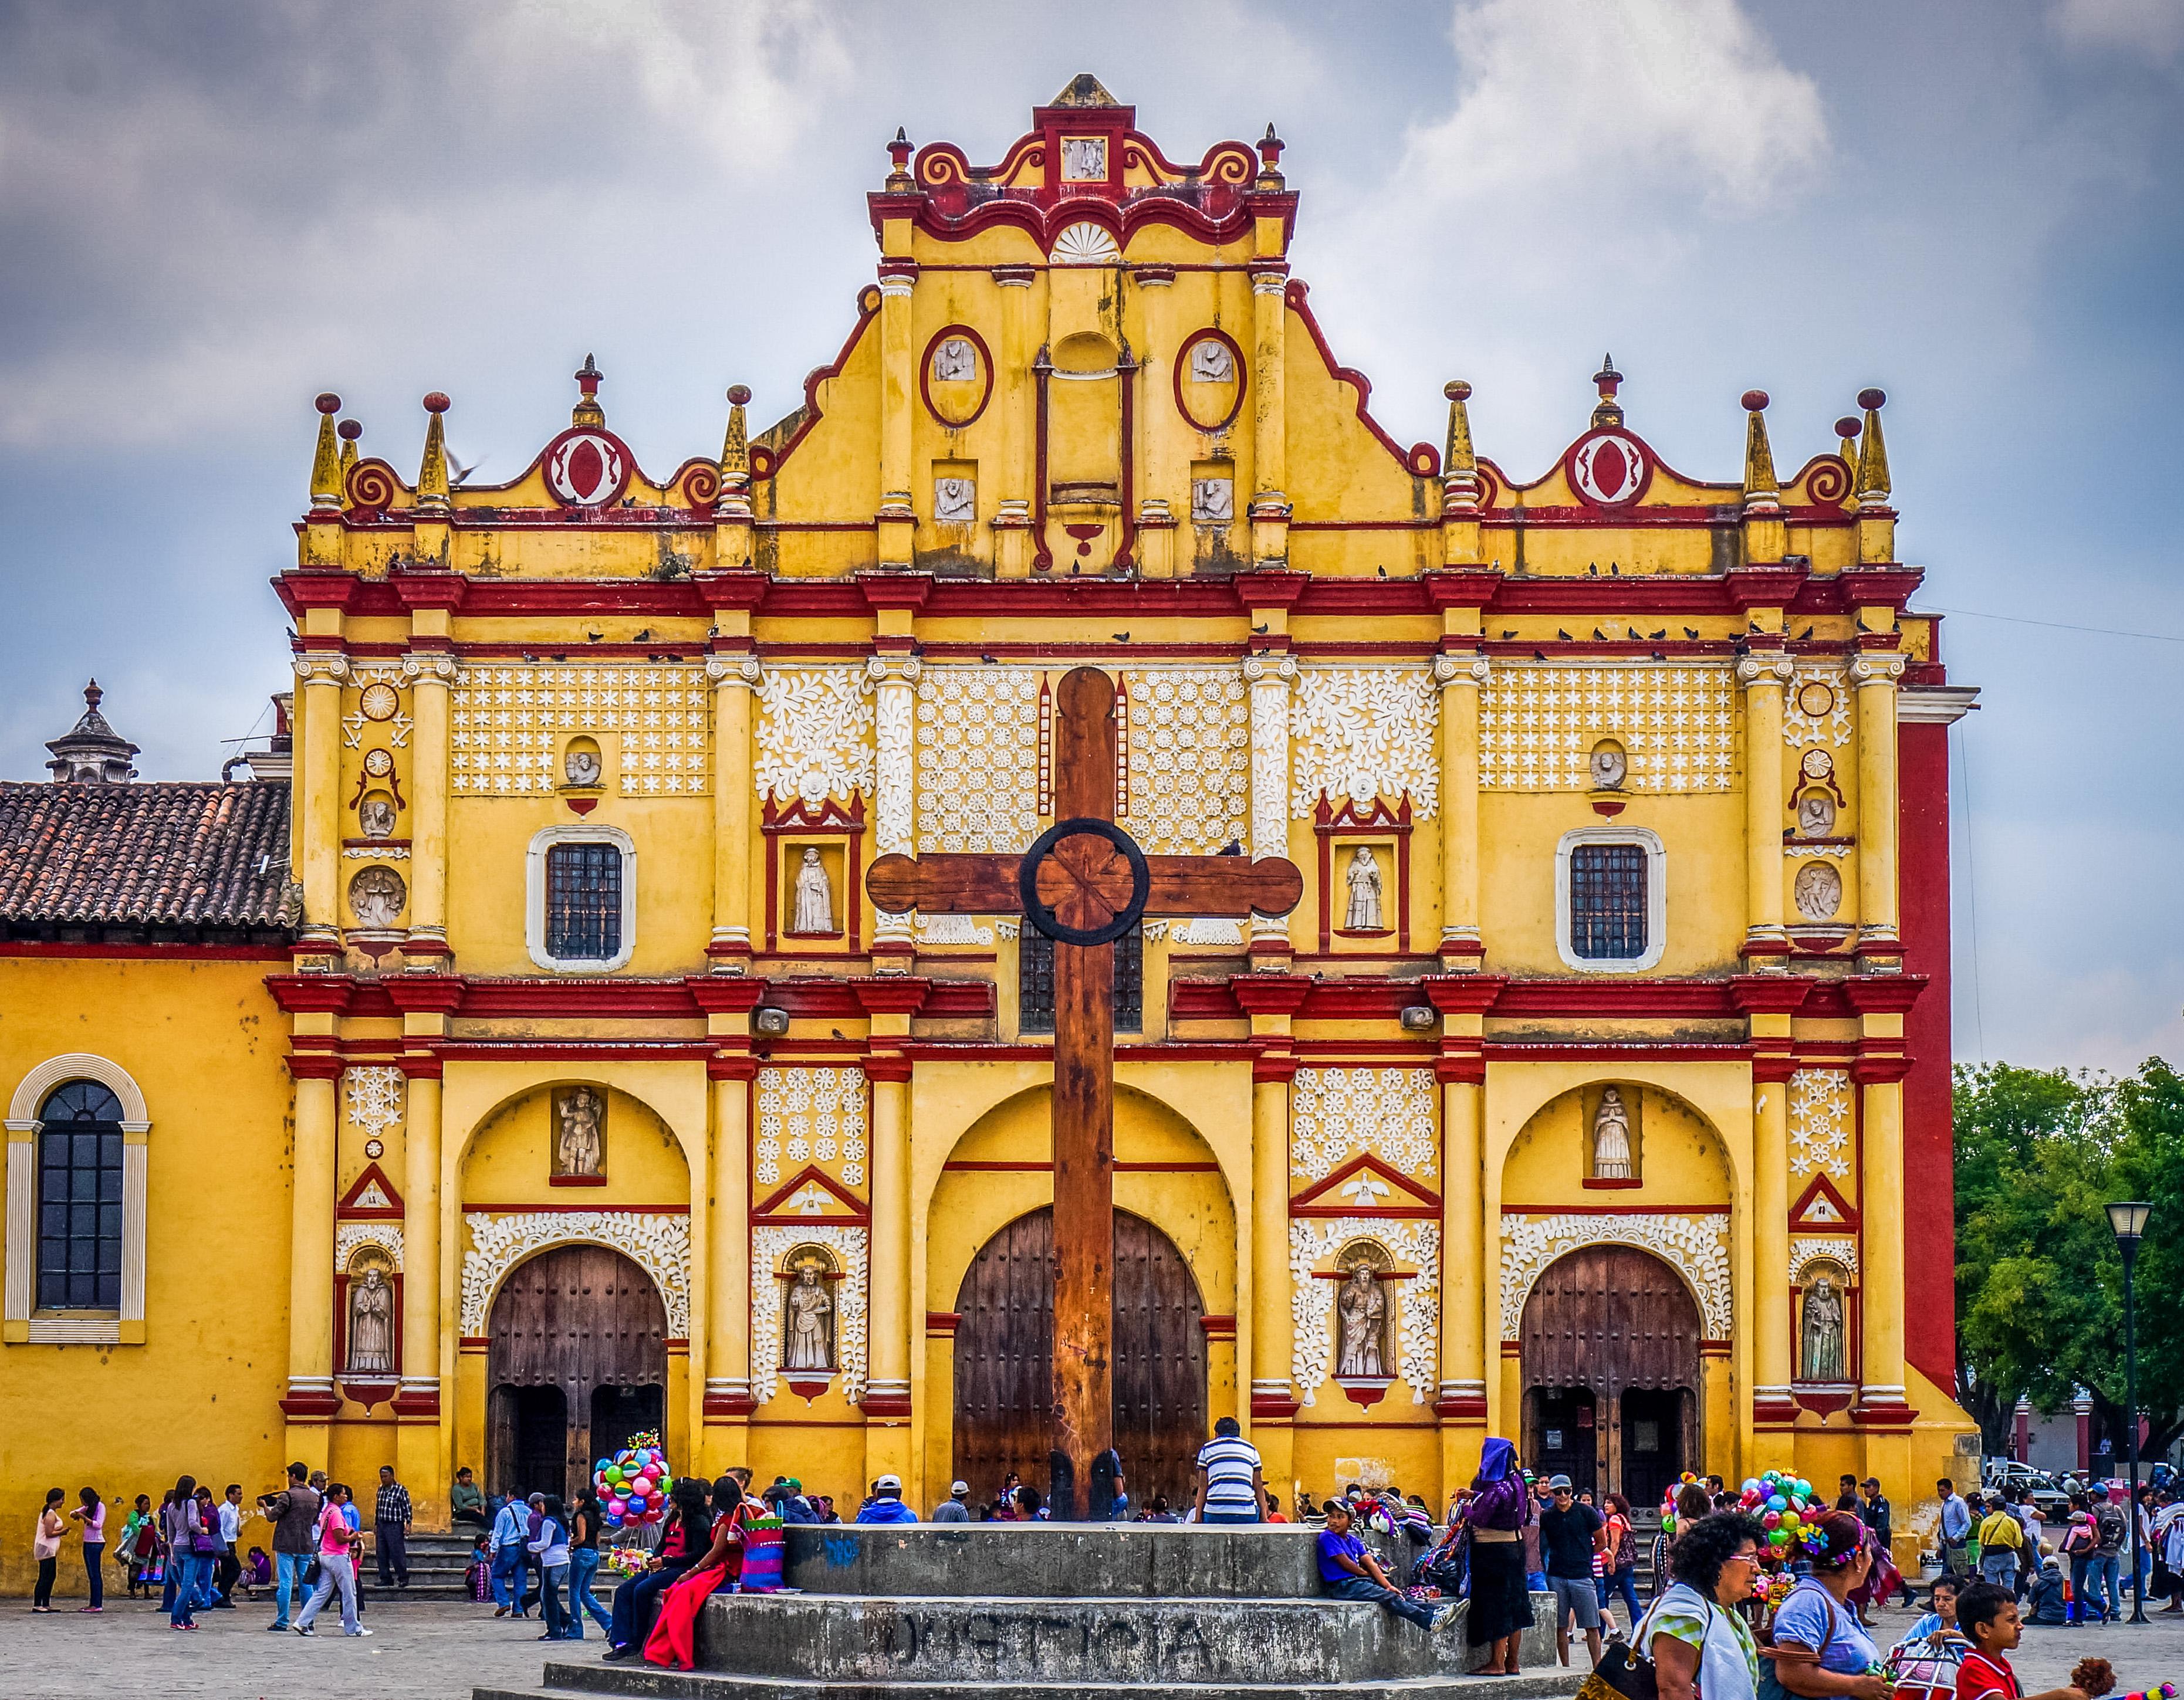 Risultati immagini per SAN CRISTÓBAL DE LAS CASAS